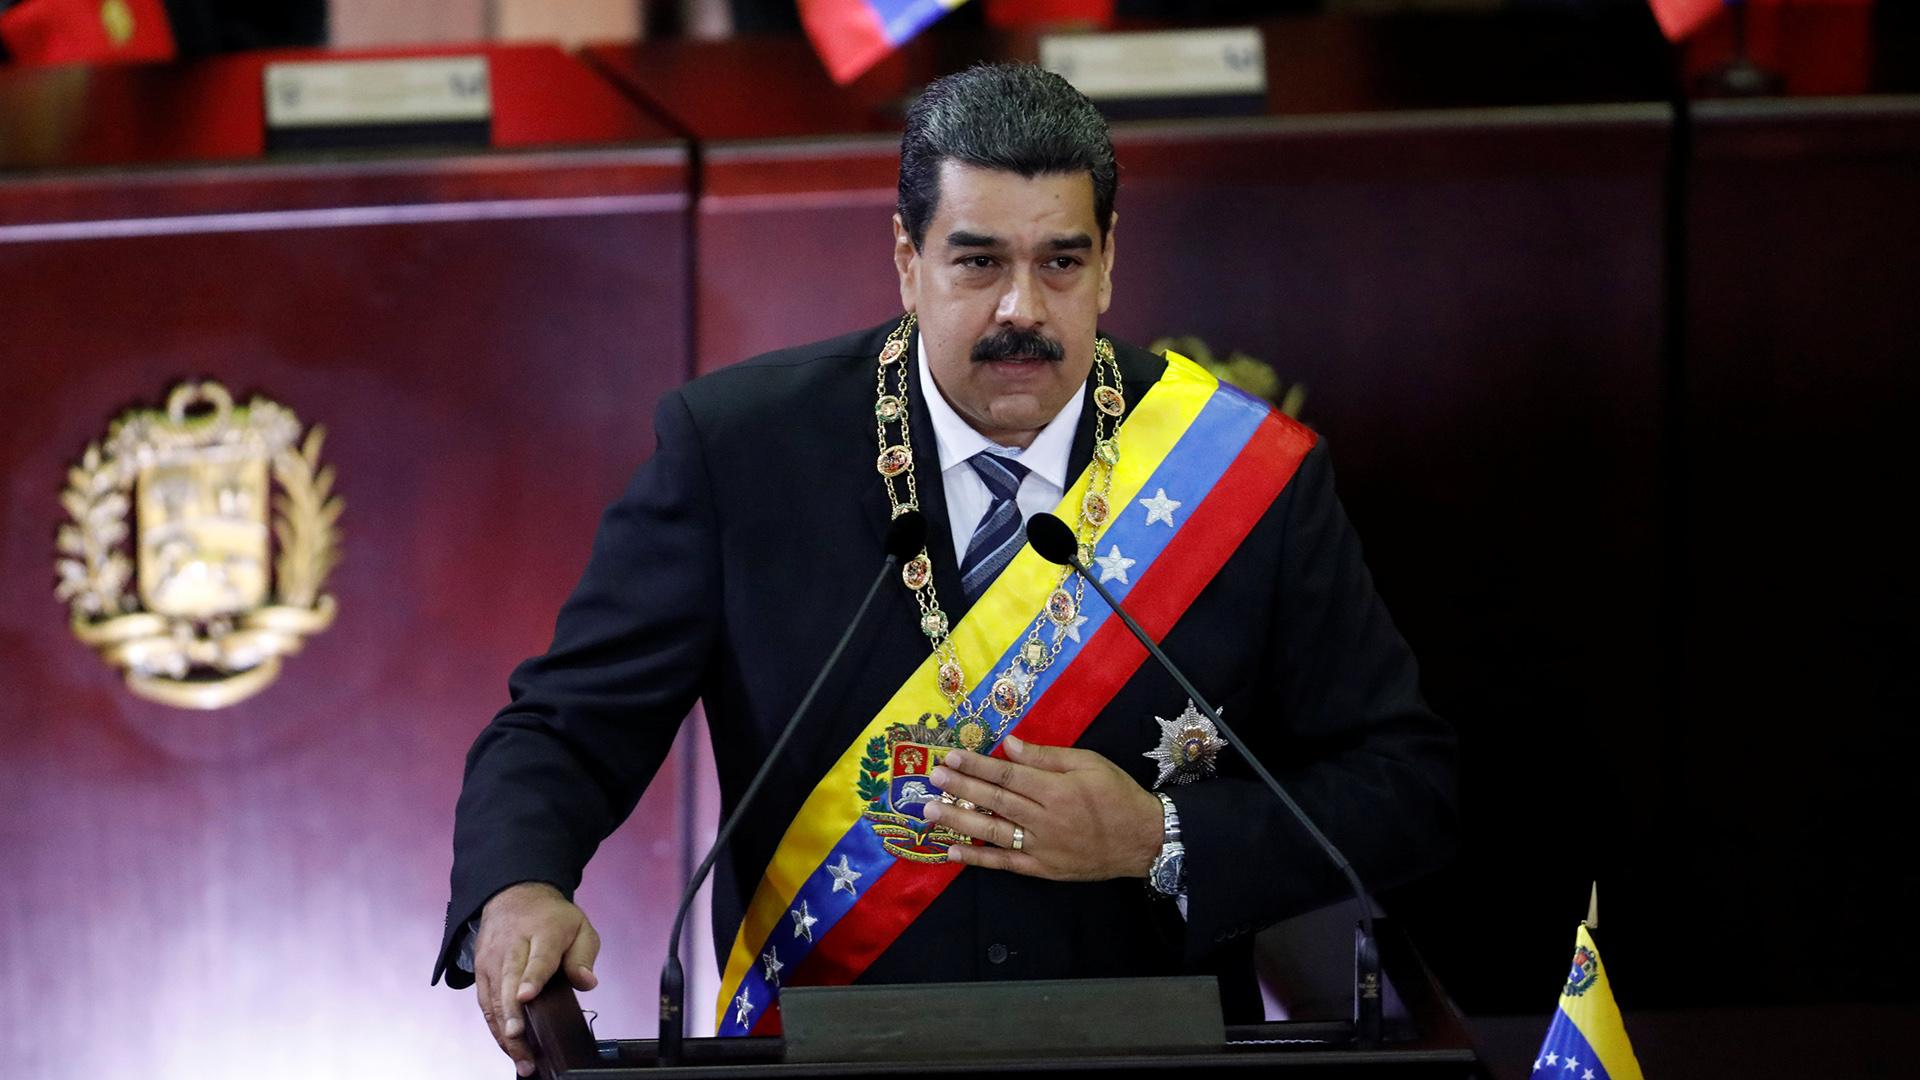 Nicolas Maduro durante una sesion en la Corte Suprema de Justicia en Caracas, febrero 2018. (REUTERS/Marco Bello)